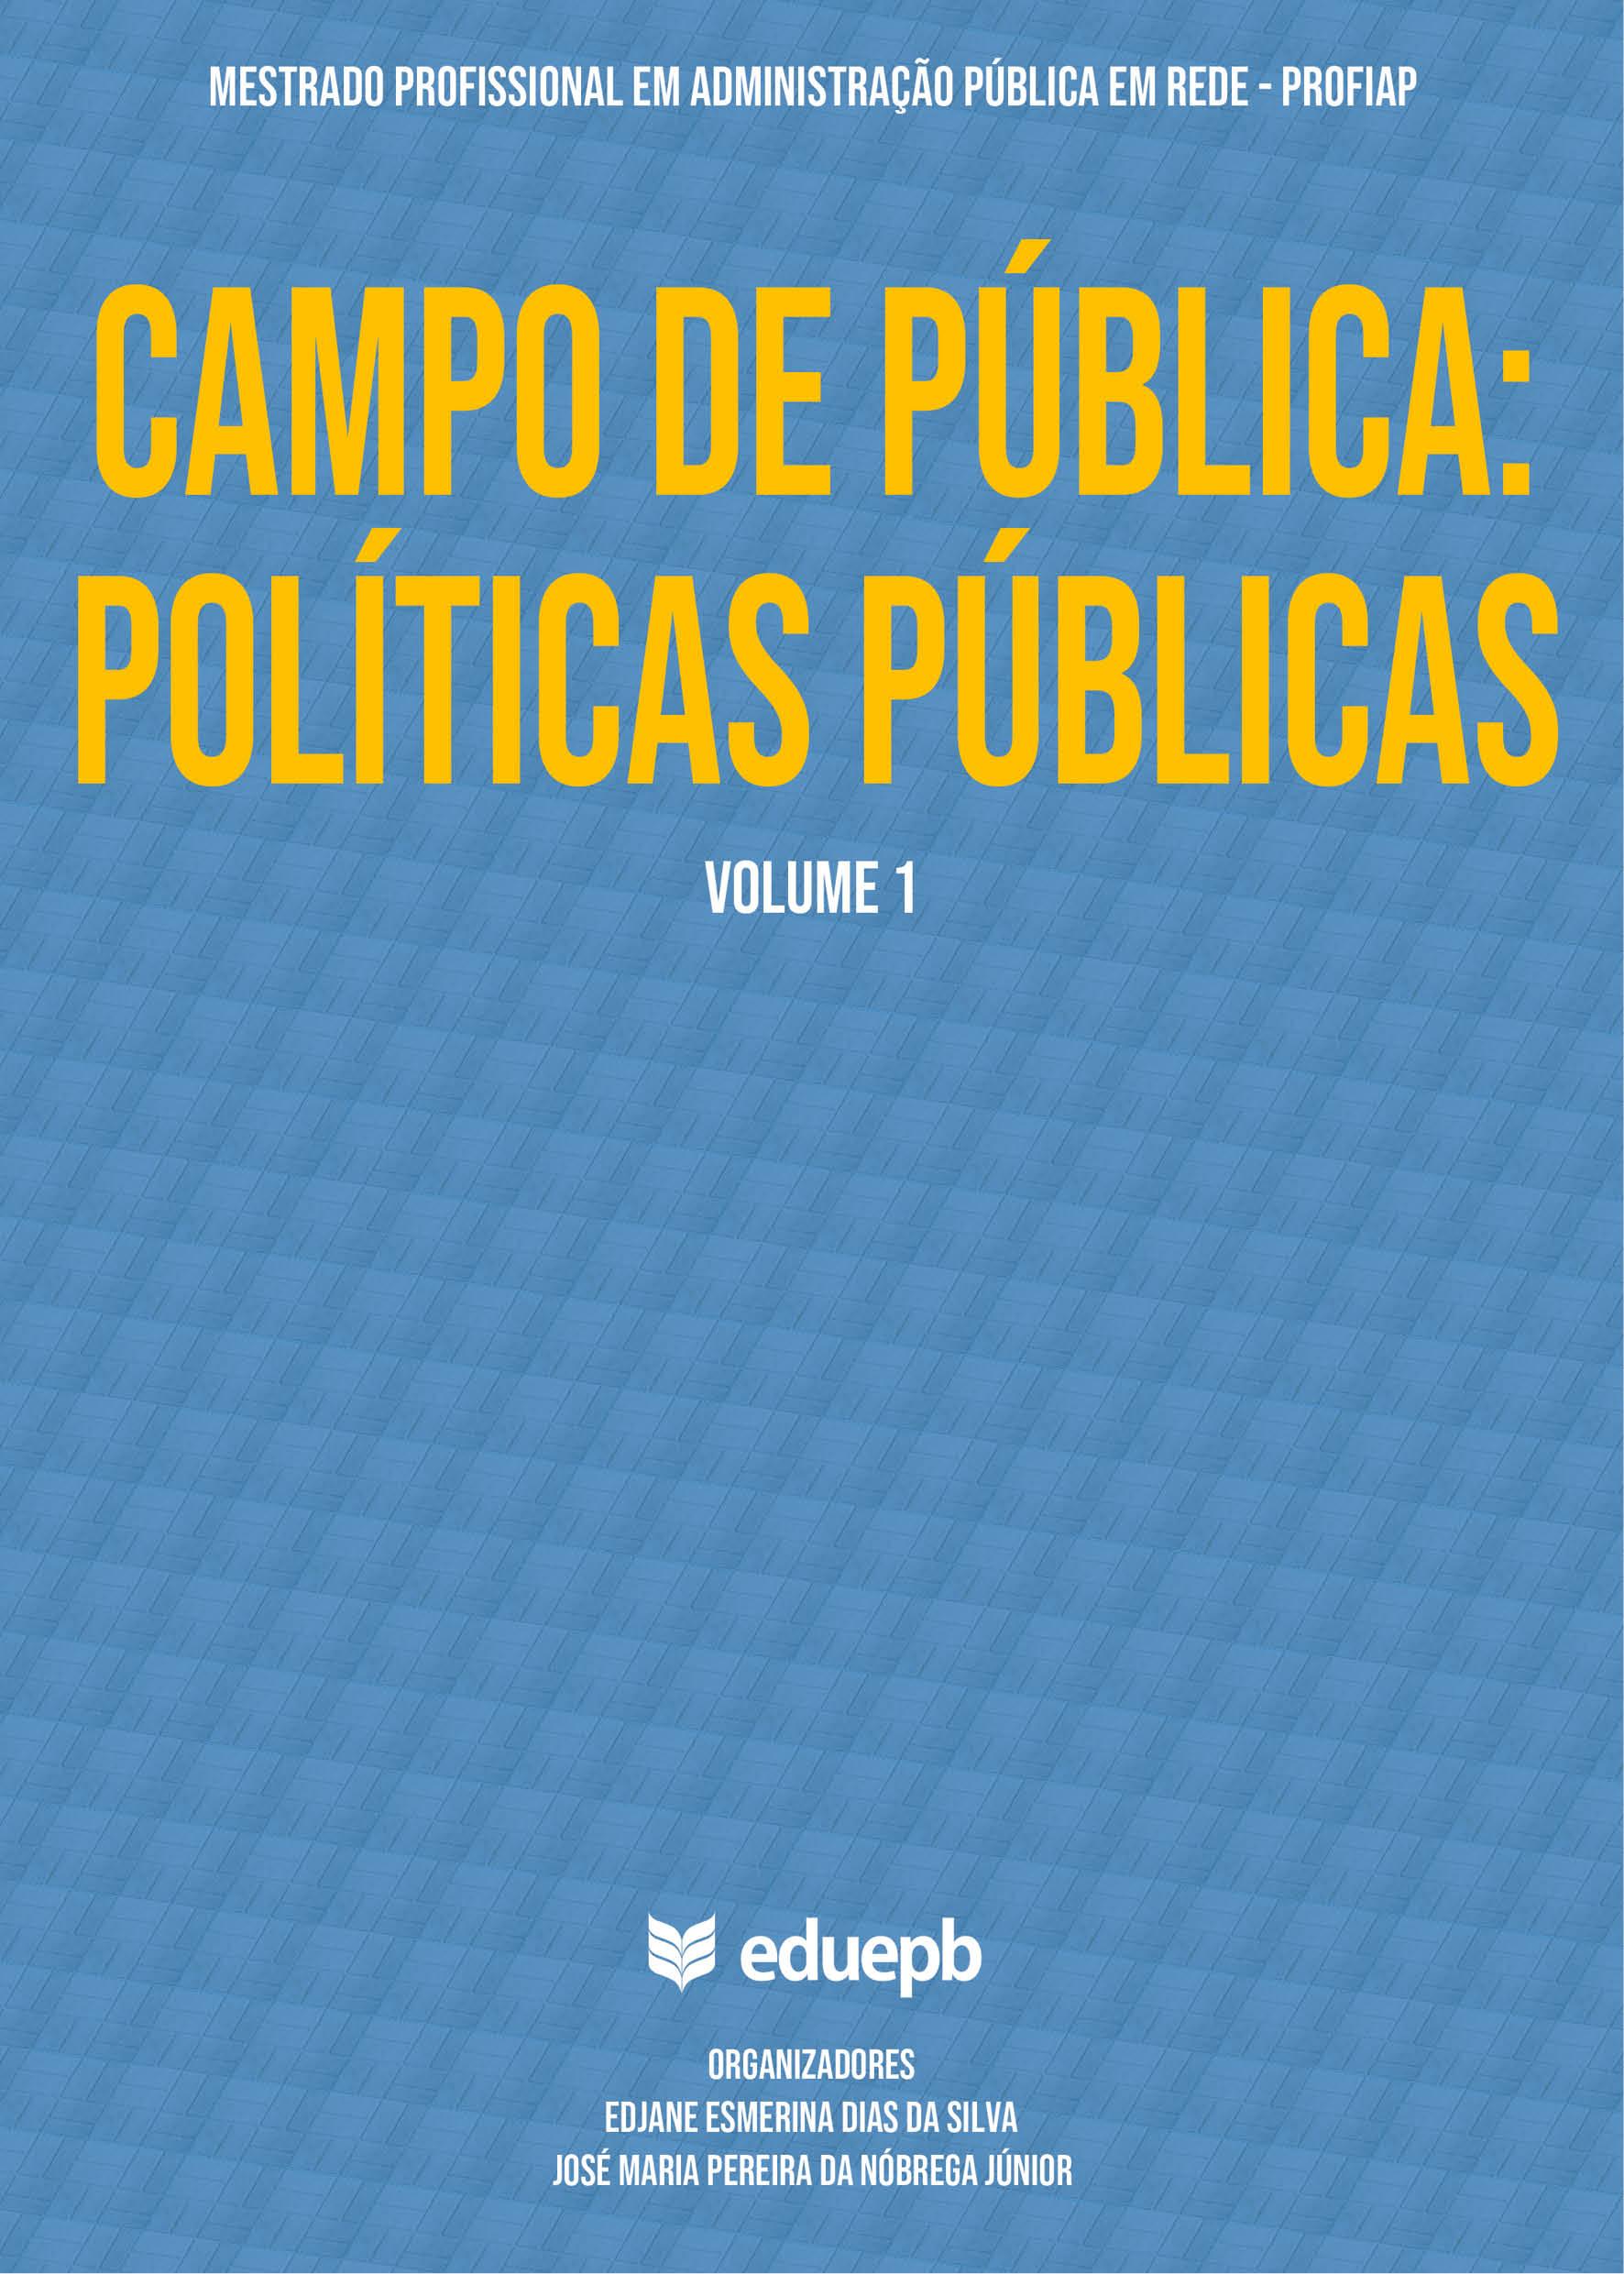 Campo de Pública: Políticas Públicas - Volume 1